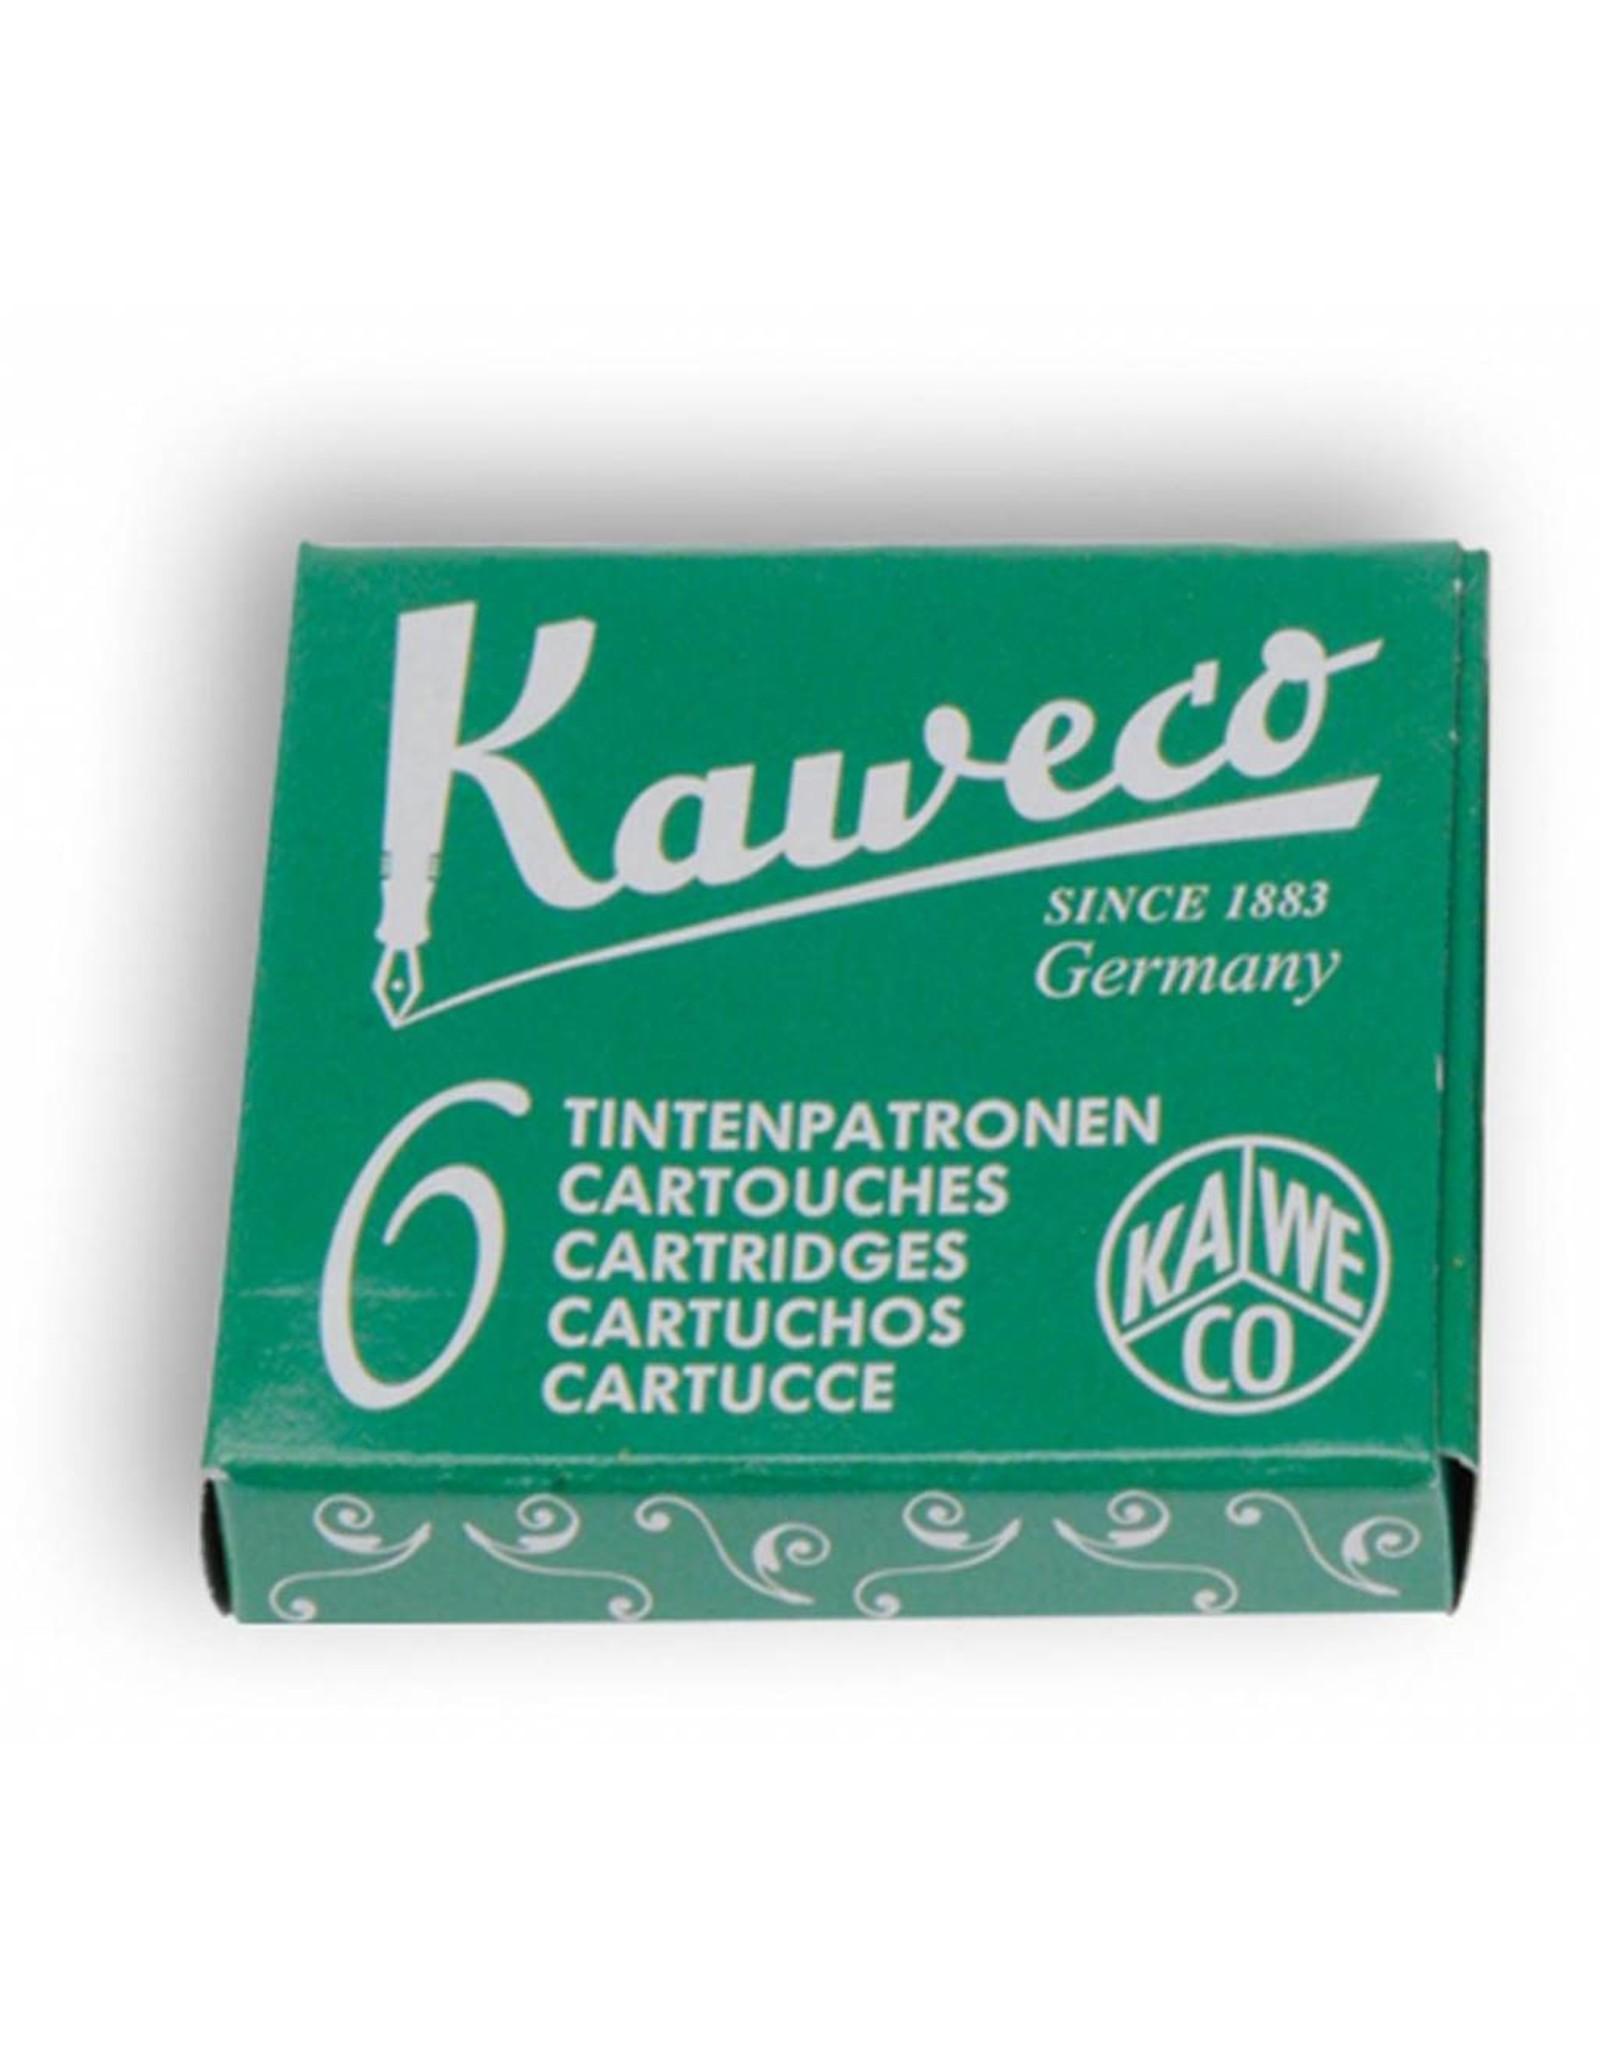 Kaweco vulpen vullingen (6) palm green